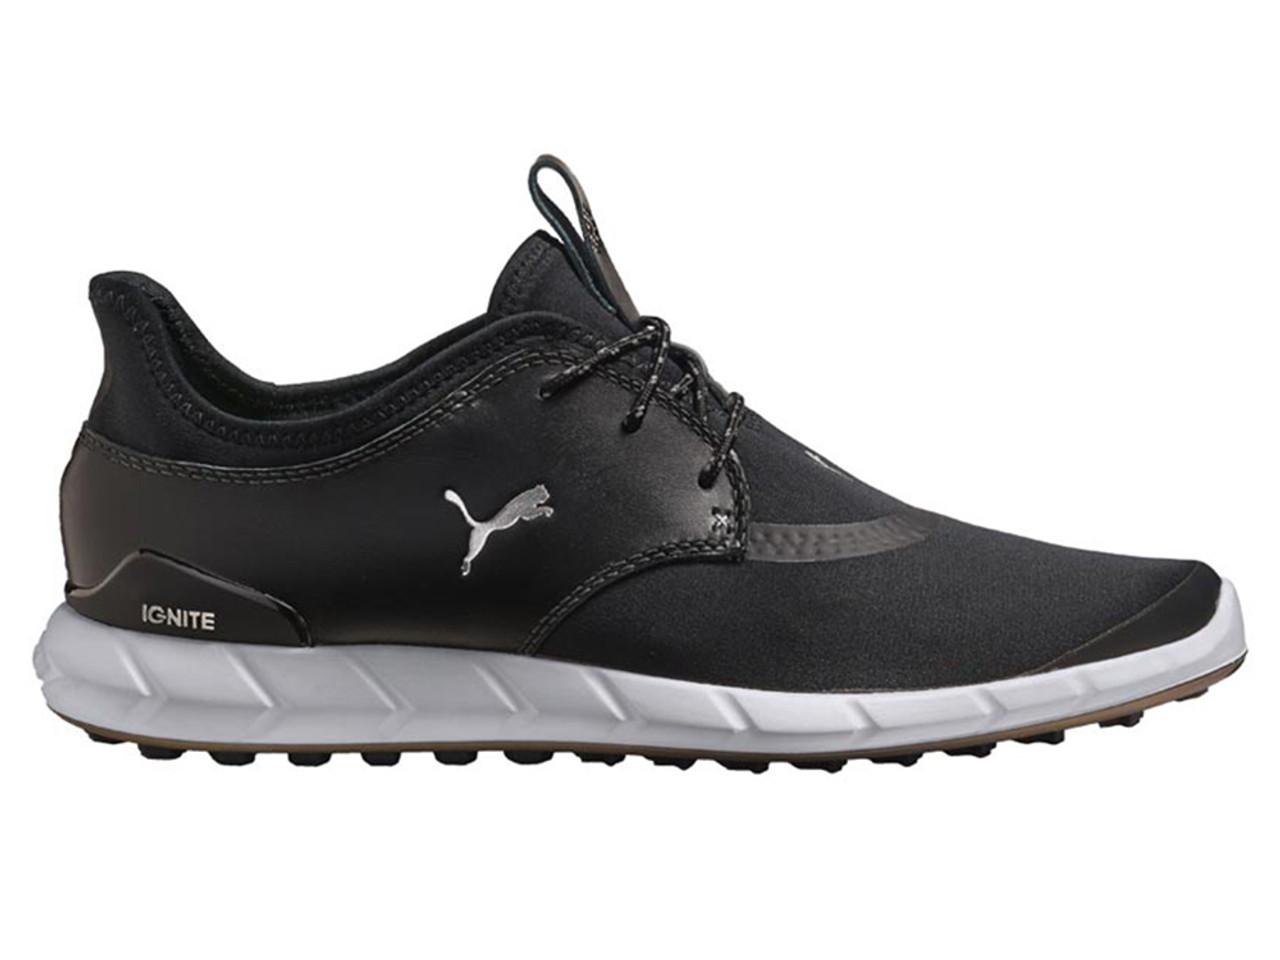 Puma Ignite Spikeless Sport Shoes Puma Black